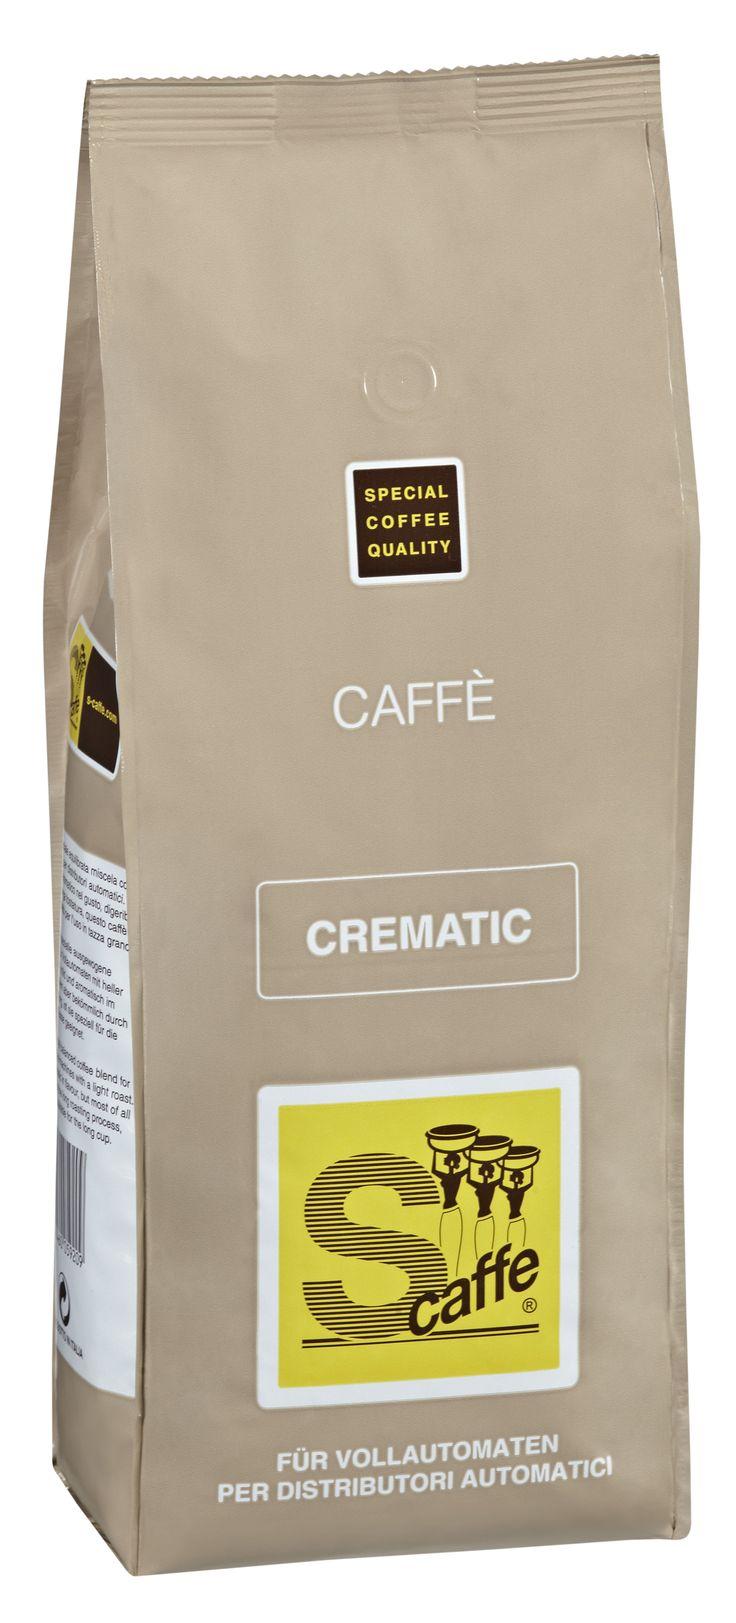 Crematic, die spezielle, ausgewogene Kaffeemischung mit heller Röstung, ideal für Vollautomaten. Weich, mild und aromatisch im Geschmack, vor allem aber bekömmlich durch die Langzeitröstung, ist dieser Kaffee speziell für die lange Tasse geeignet.